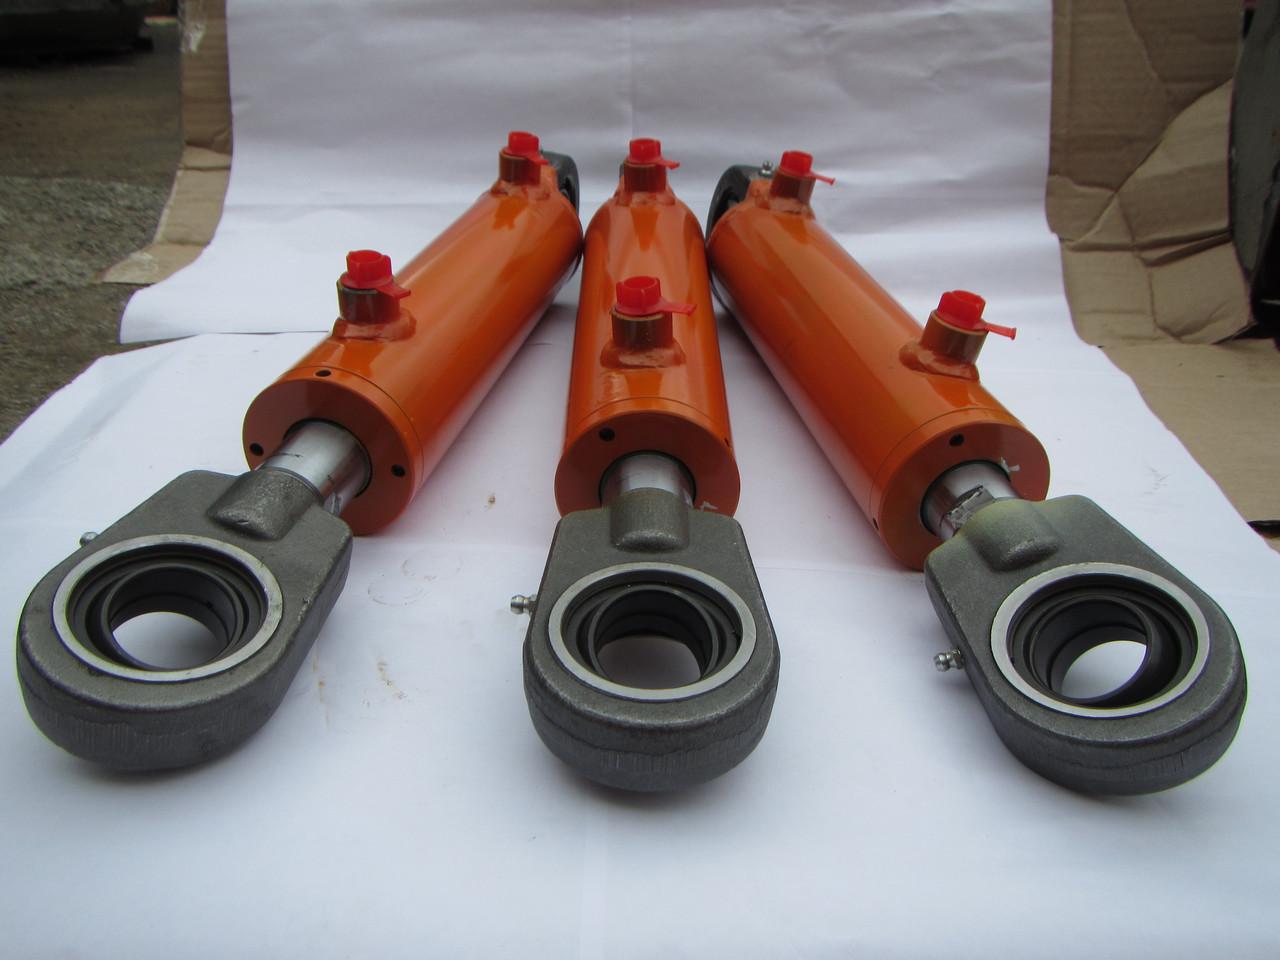 Ремонт и изготовление гидроцилиндров (цилиндры гидравлические) для тракторов и сельскохозяйственной техники